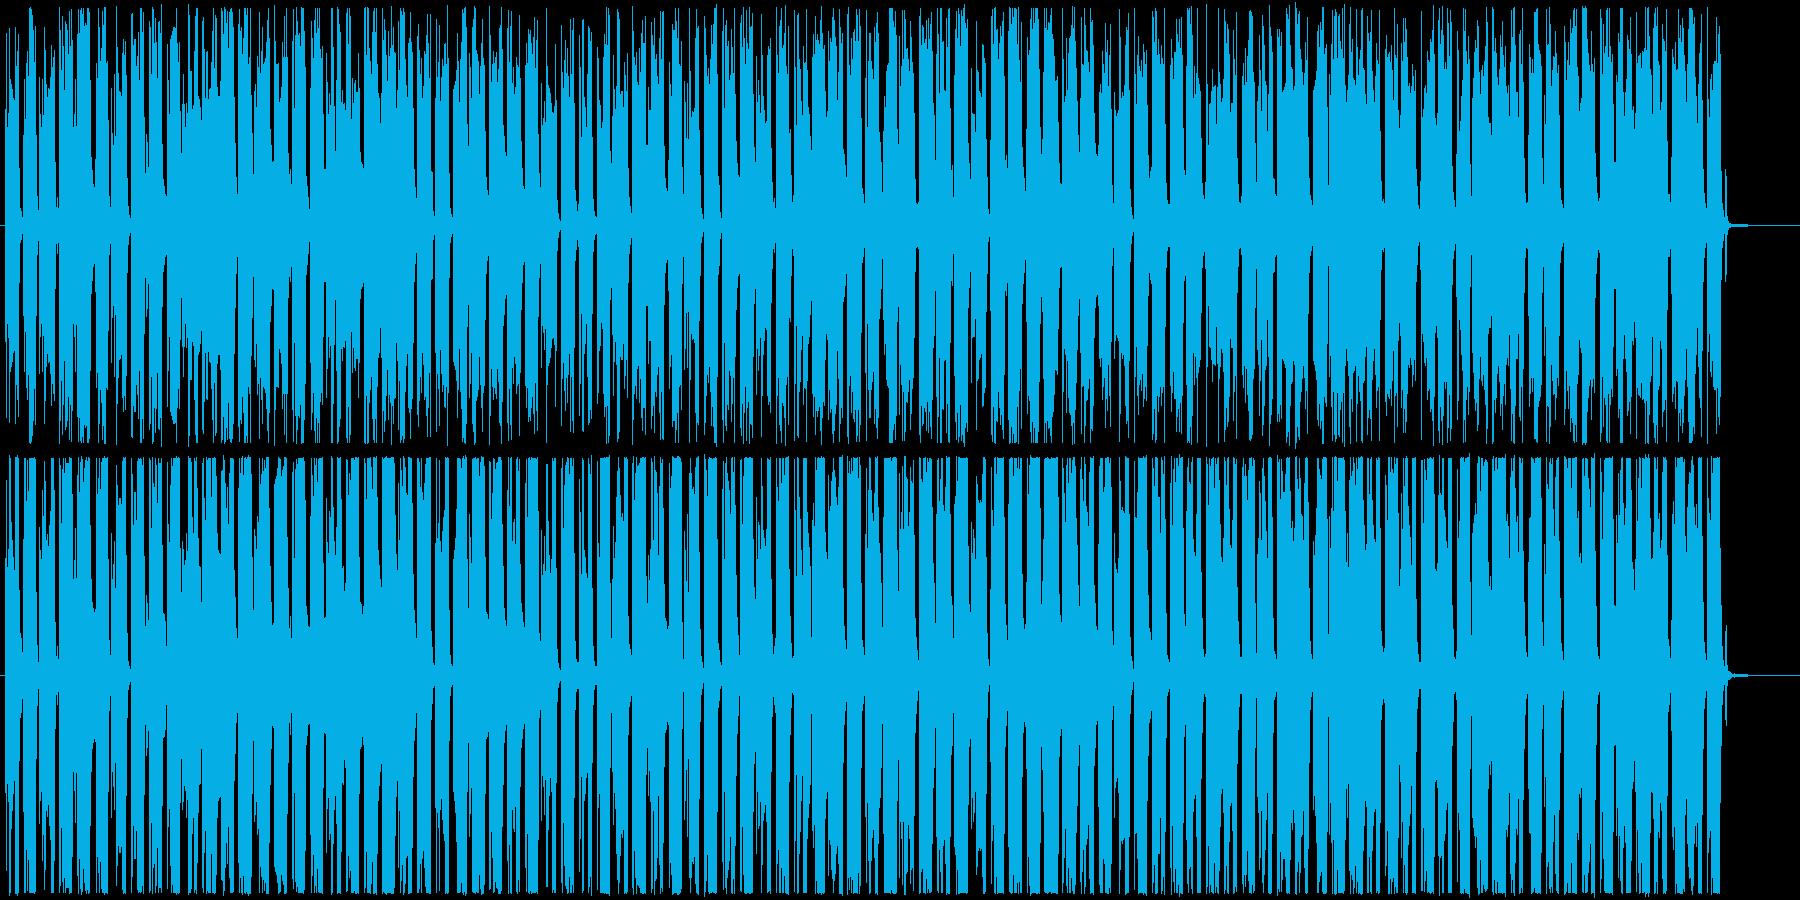 カフェにぴったりボサノバ・ジャズ風ギターの再生済みの波形